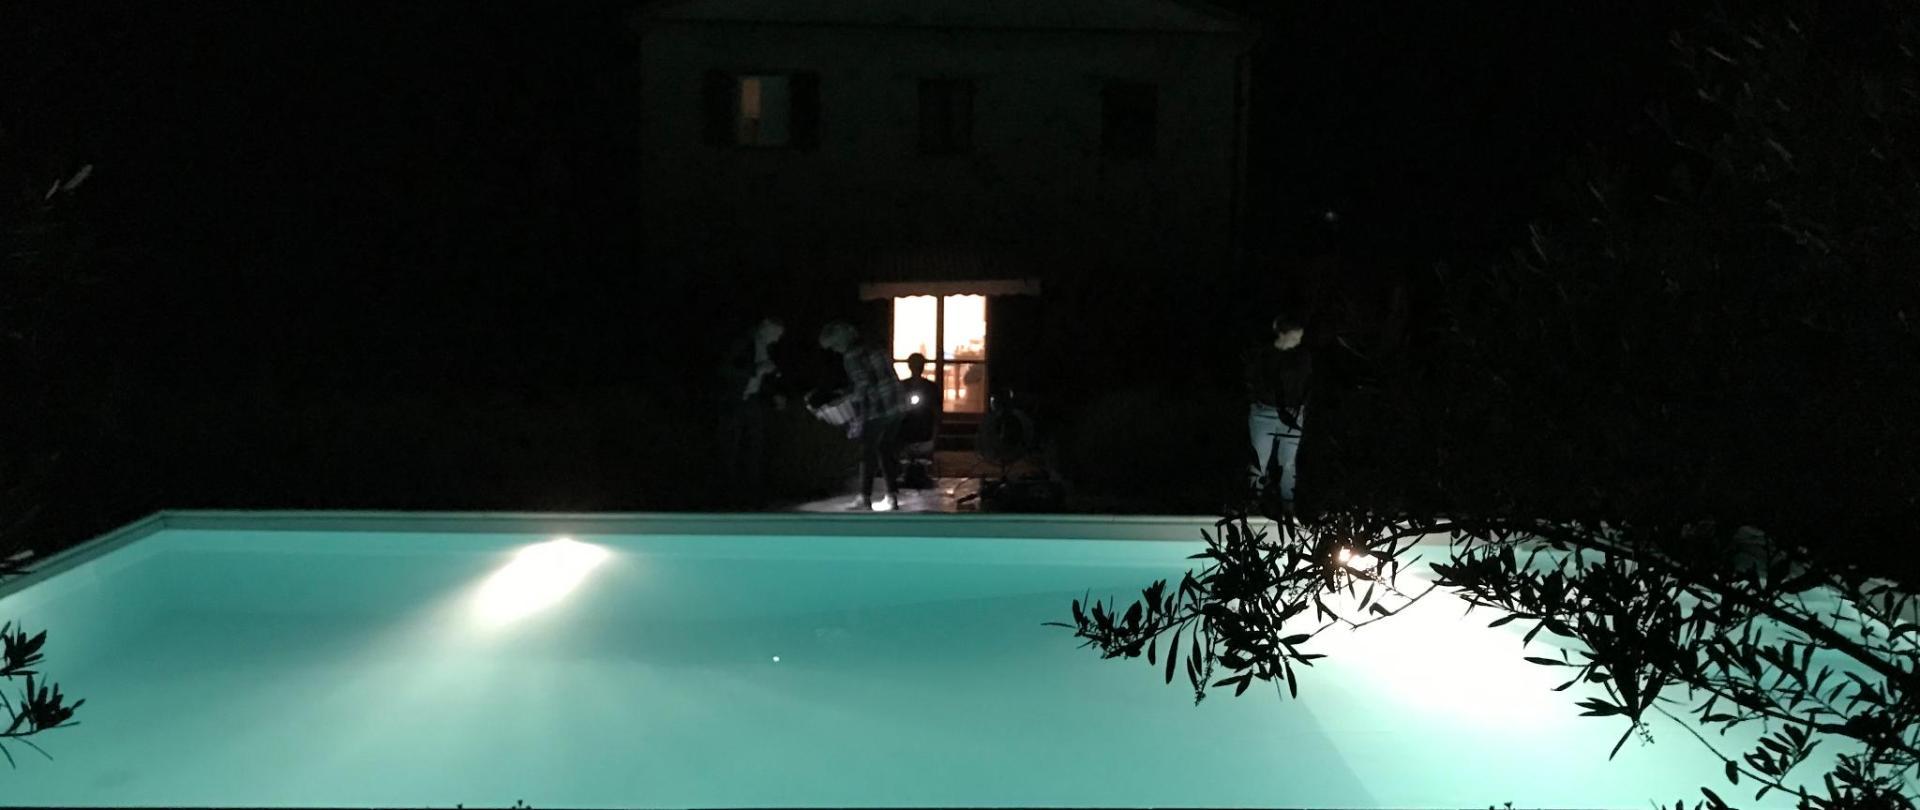 zwembad 7 (2).JPG